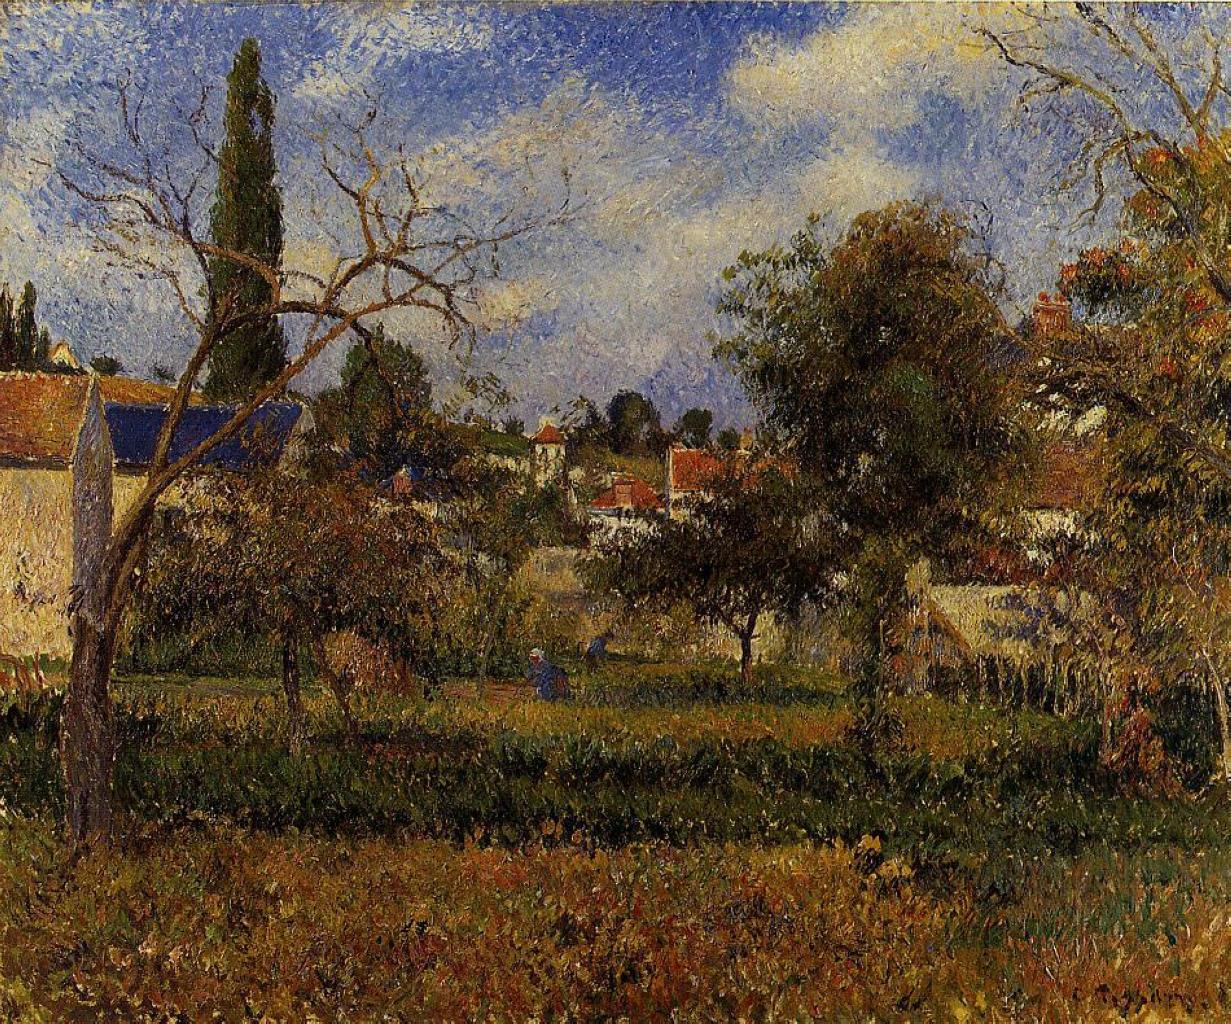 Kitchen Gardens, Pontoise by Camille Pissarro, 1881